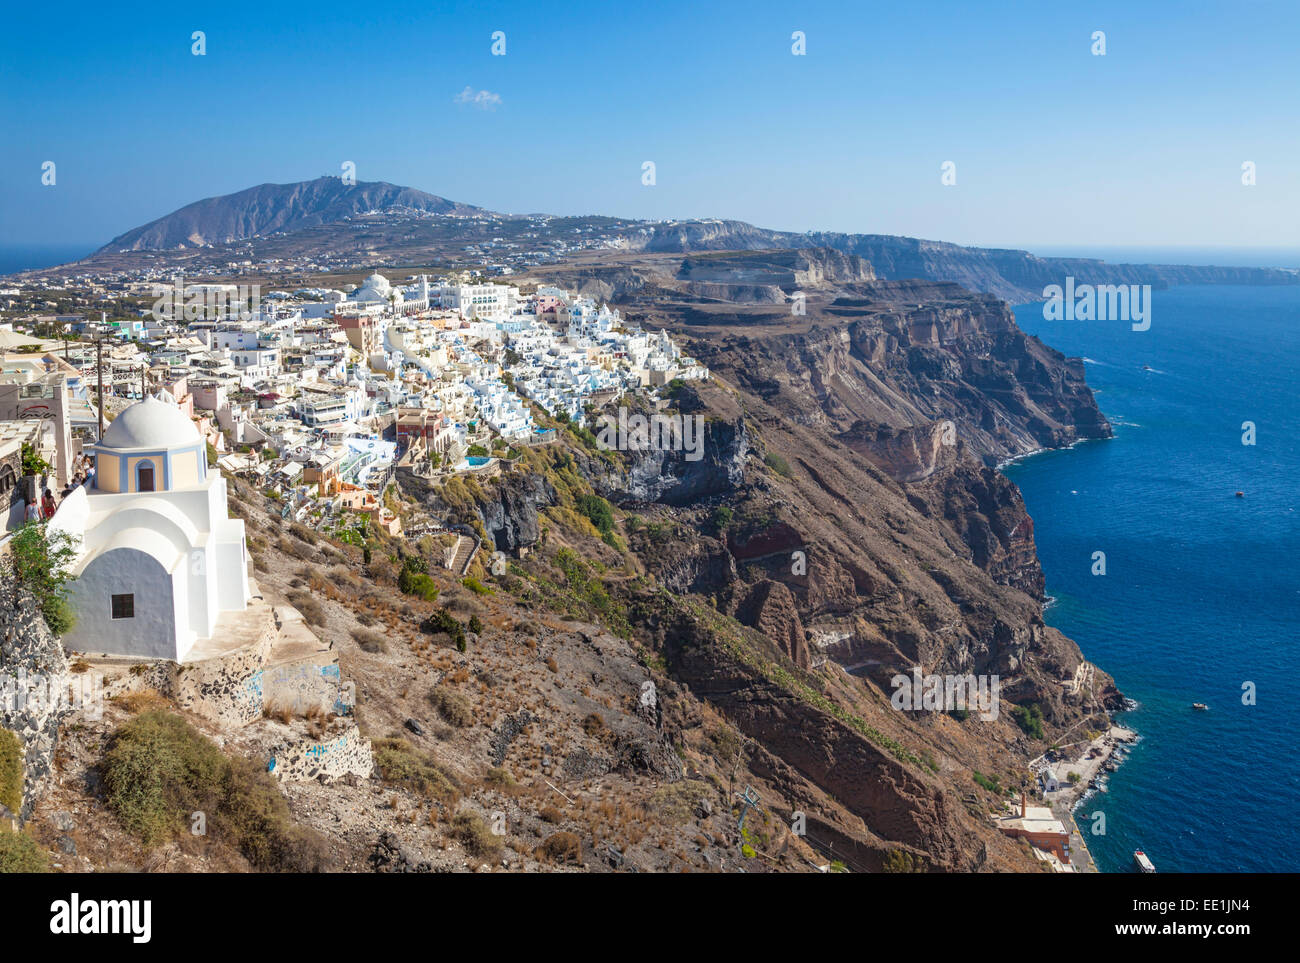 La ville de Fira et l'Église grecque de Saint Stylianos, Firostefani, Santorin (thira), îles Cyclades, Photo Stock